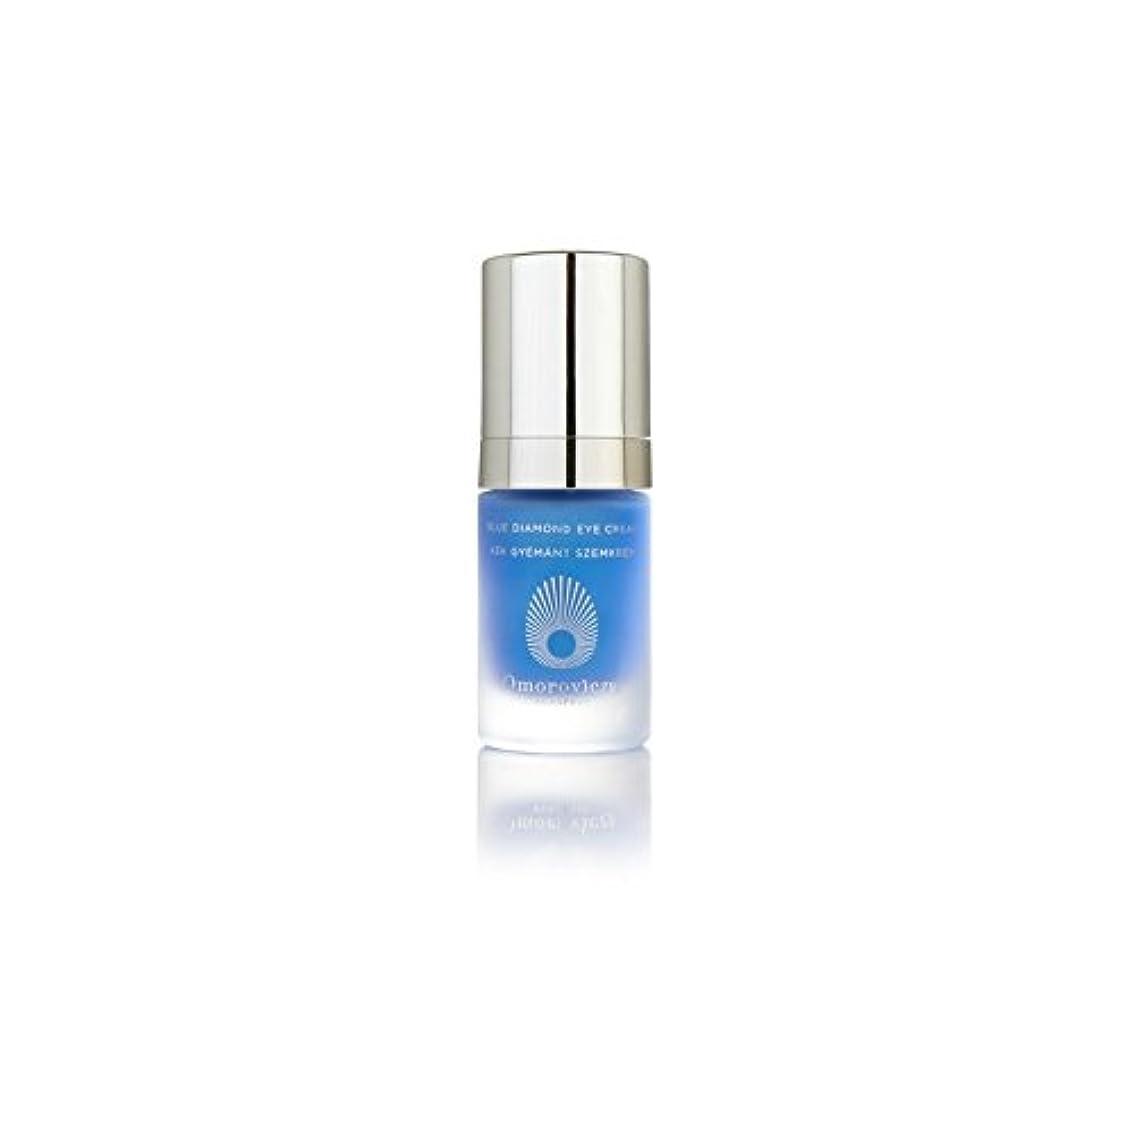 陽気な賛辞芸術的ブルーダイヤモンドアイクリーム(15ミリリットル) x2 - Omorovicza Blue Diamond Eye Cream (15ml) (Pack of 2) [並行輸入品]